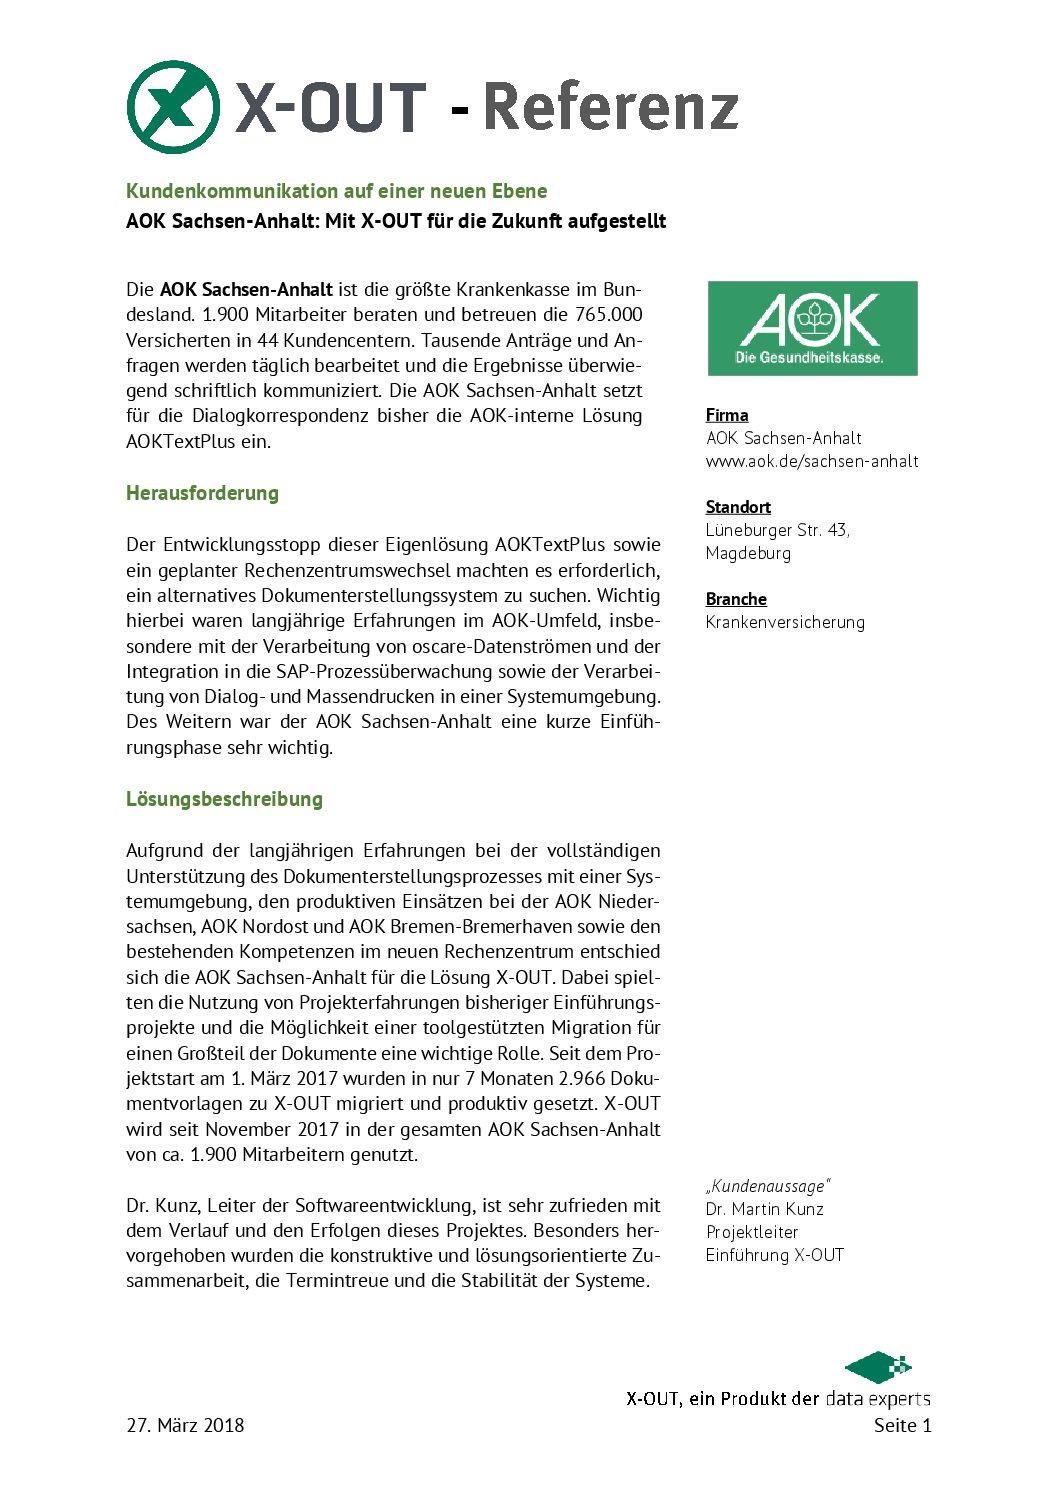 Mit X-OUT ist die AOK Sachsen-Anhalt für die Zukunft sicher aufgestellt.